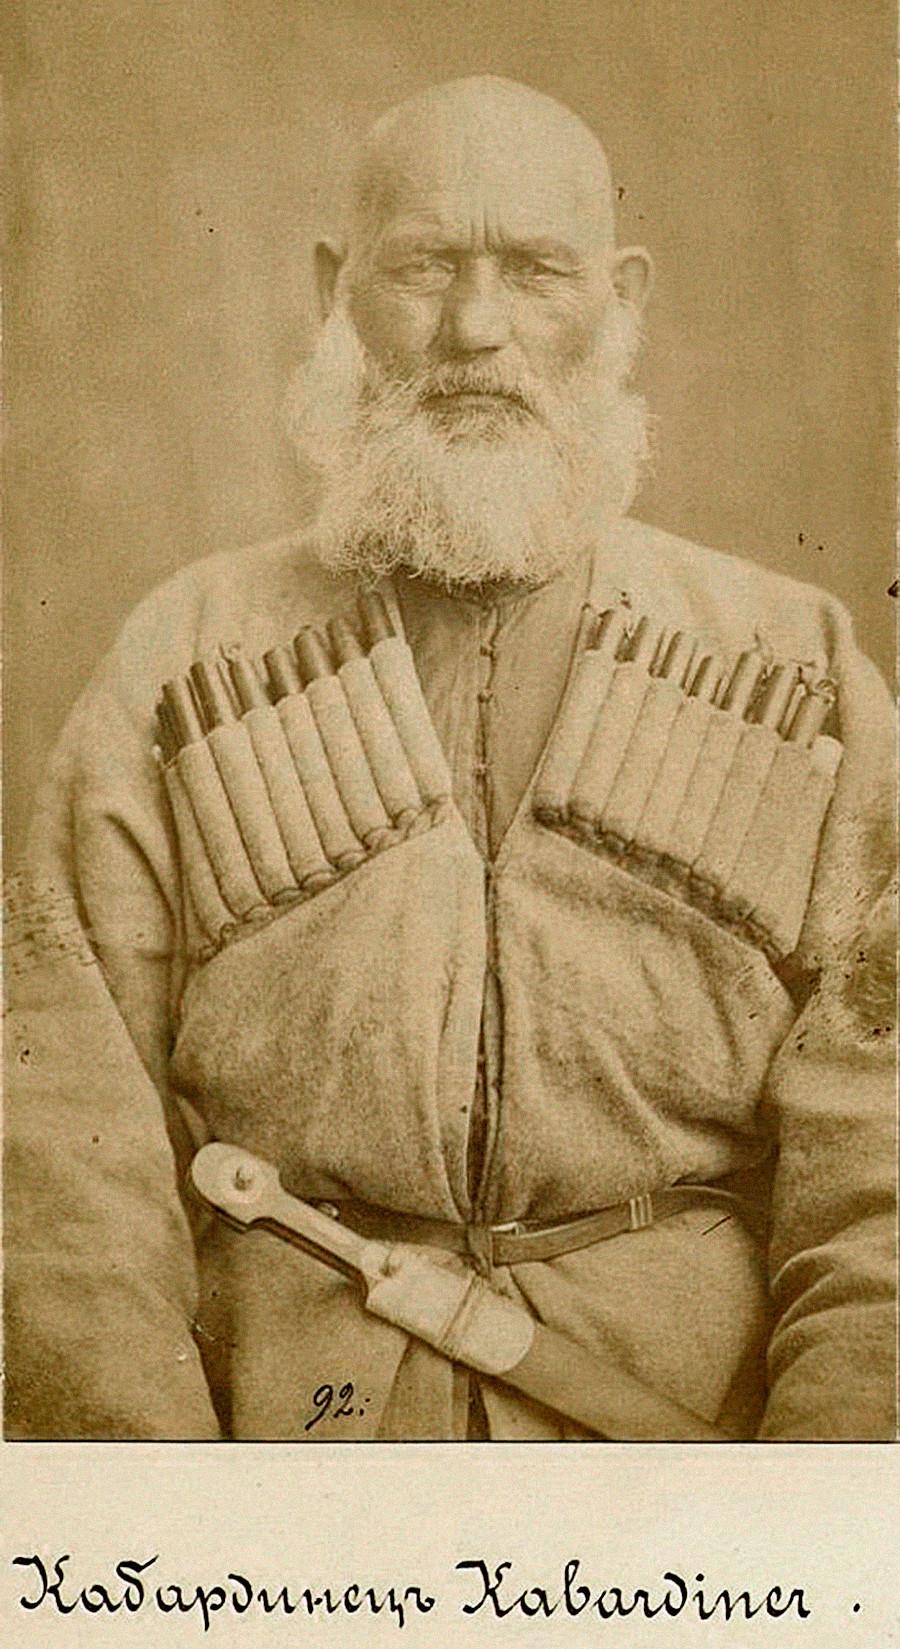 カバルダ人、カバルダ(現カバルダ・バルカル共和国)、19世紀末